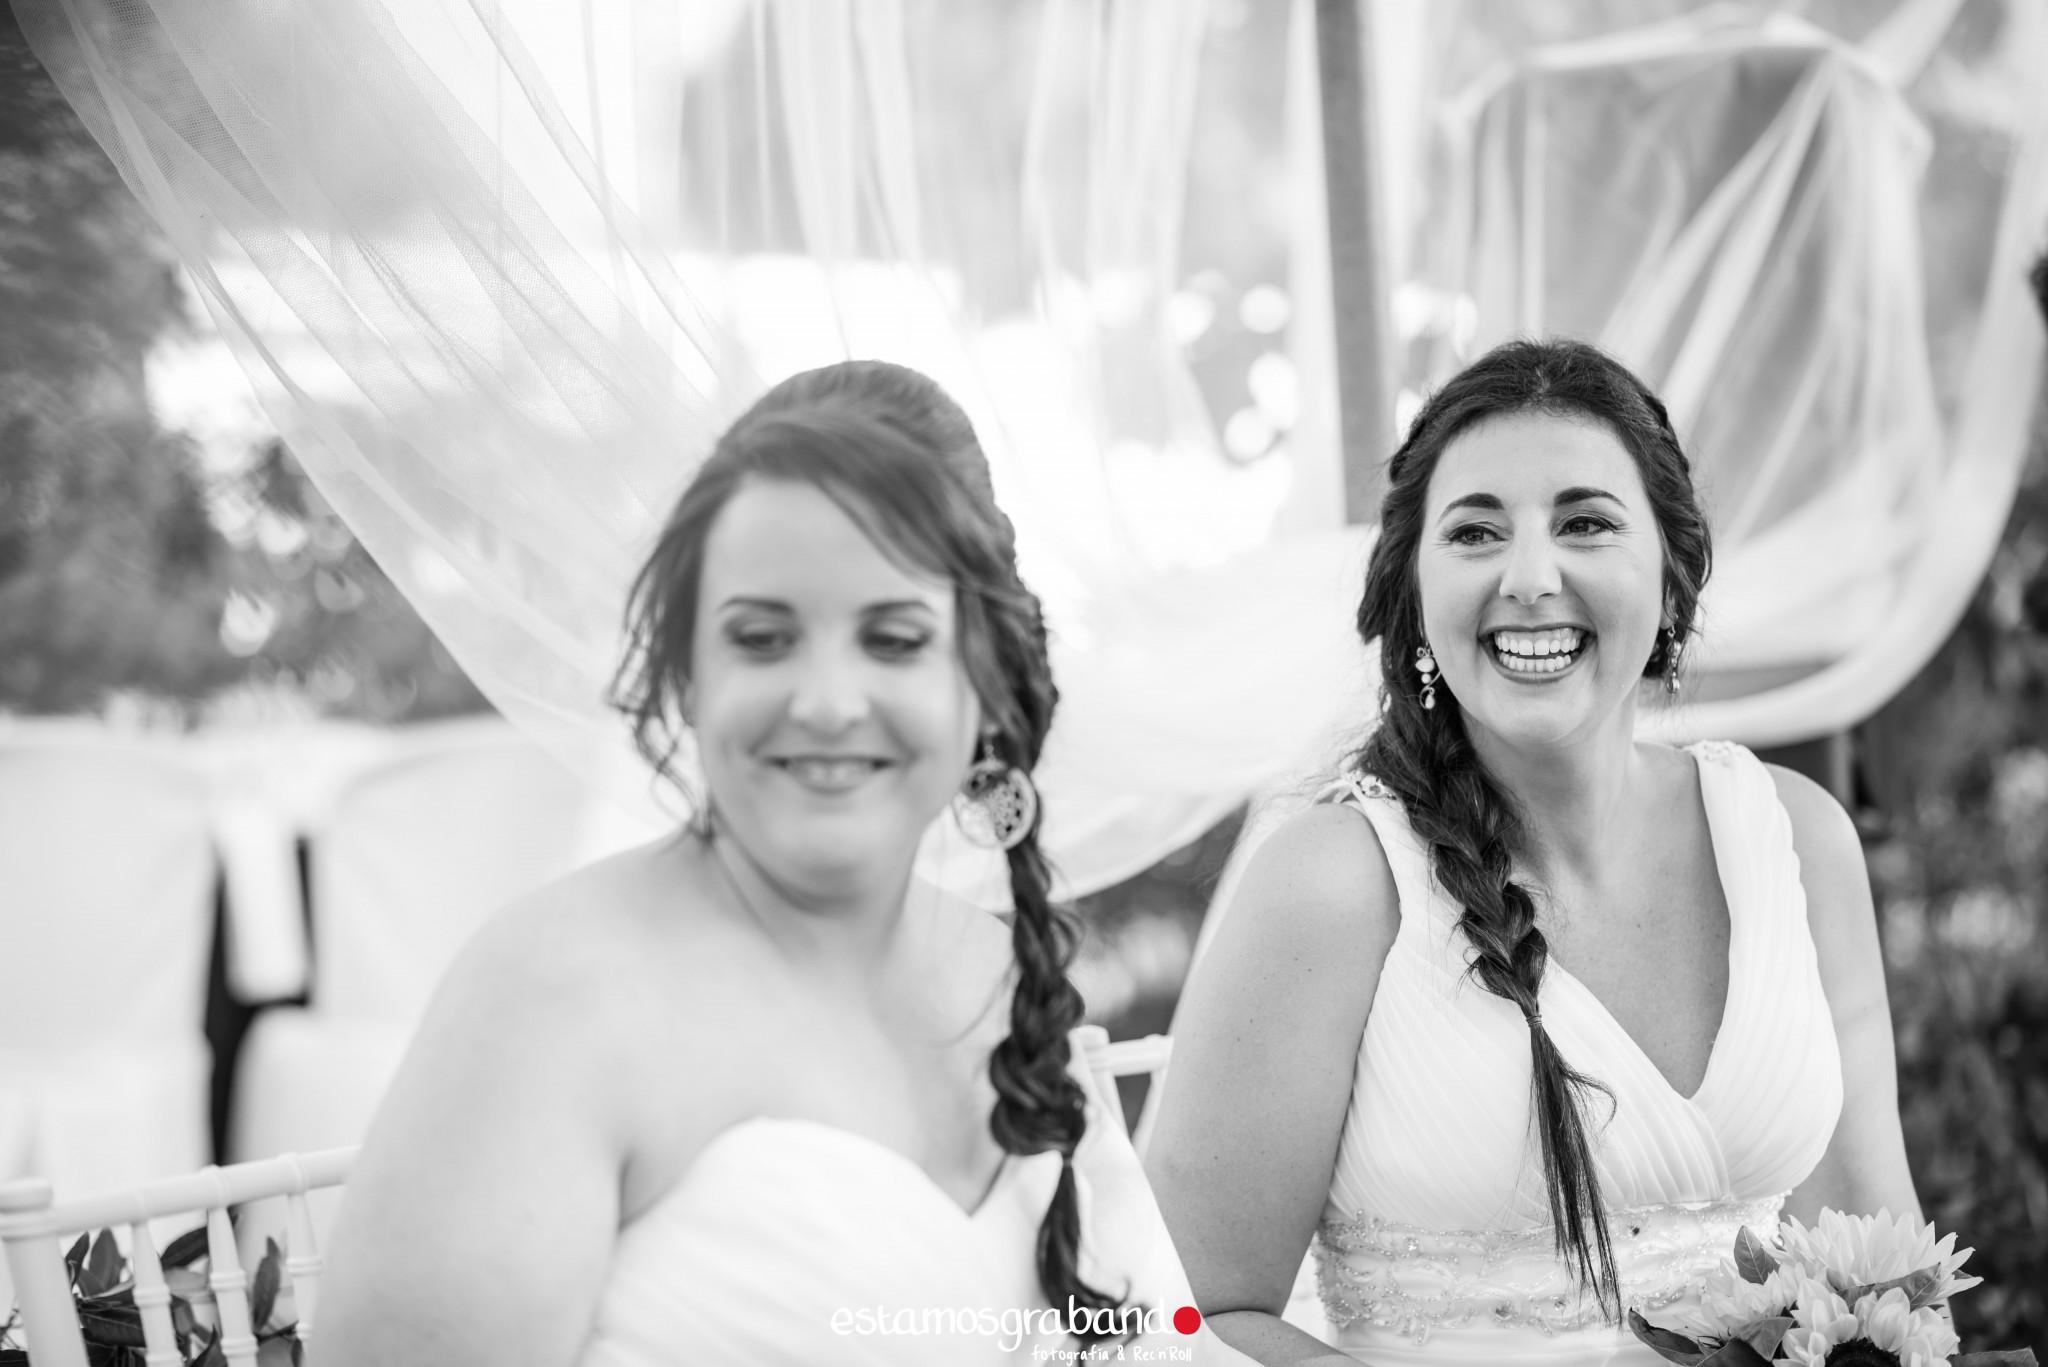 Cris-Rebeca-28 Fotografía de Boda, Rebeca & Cristina - video boda cadiz